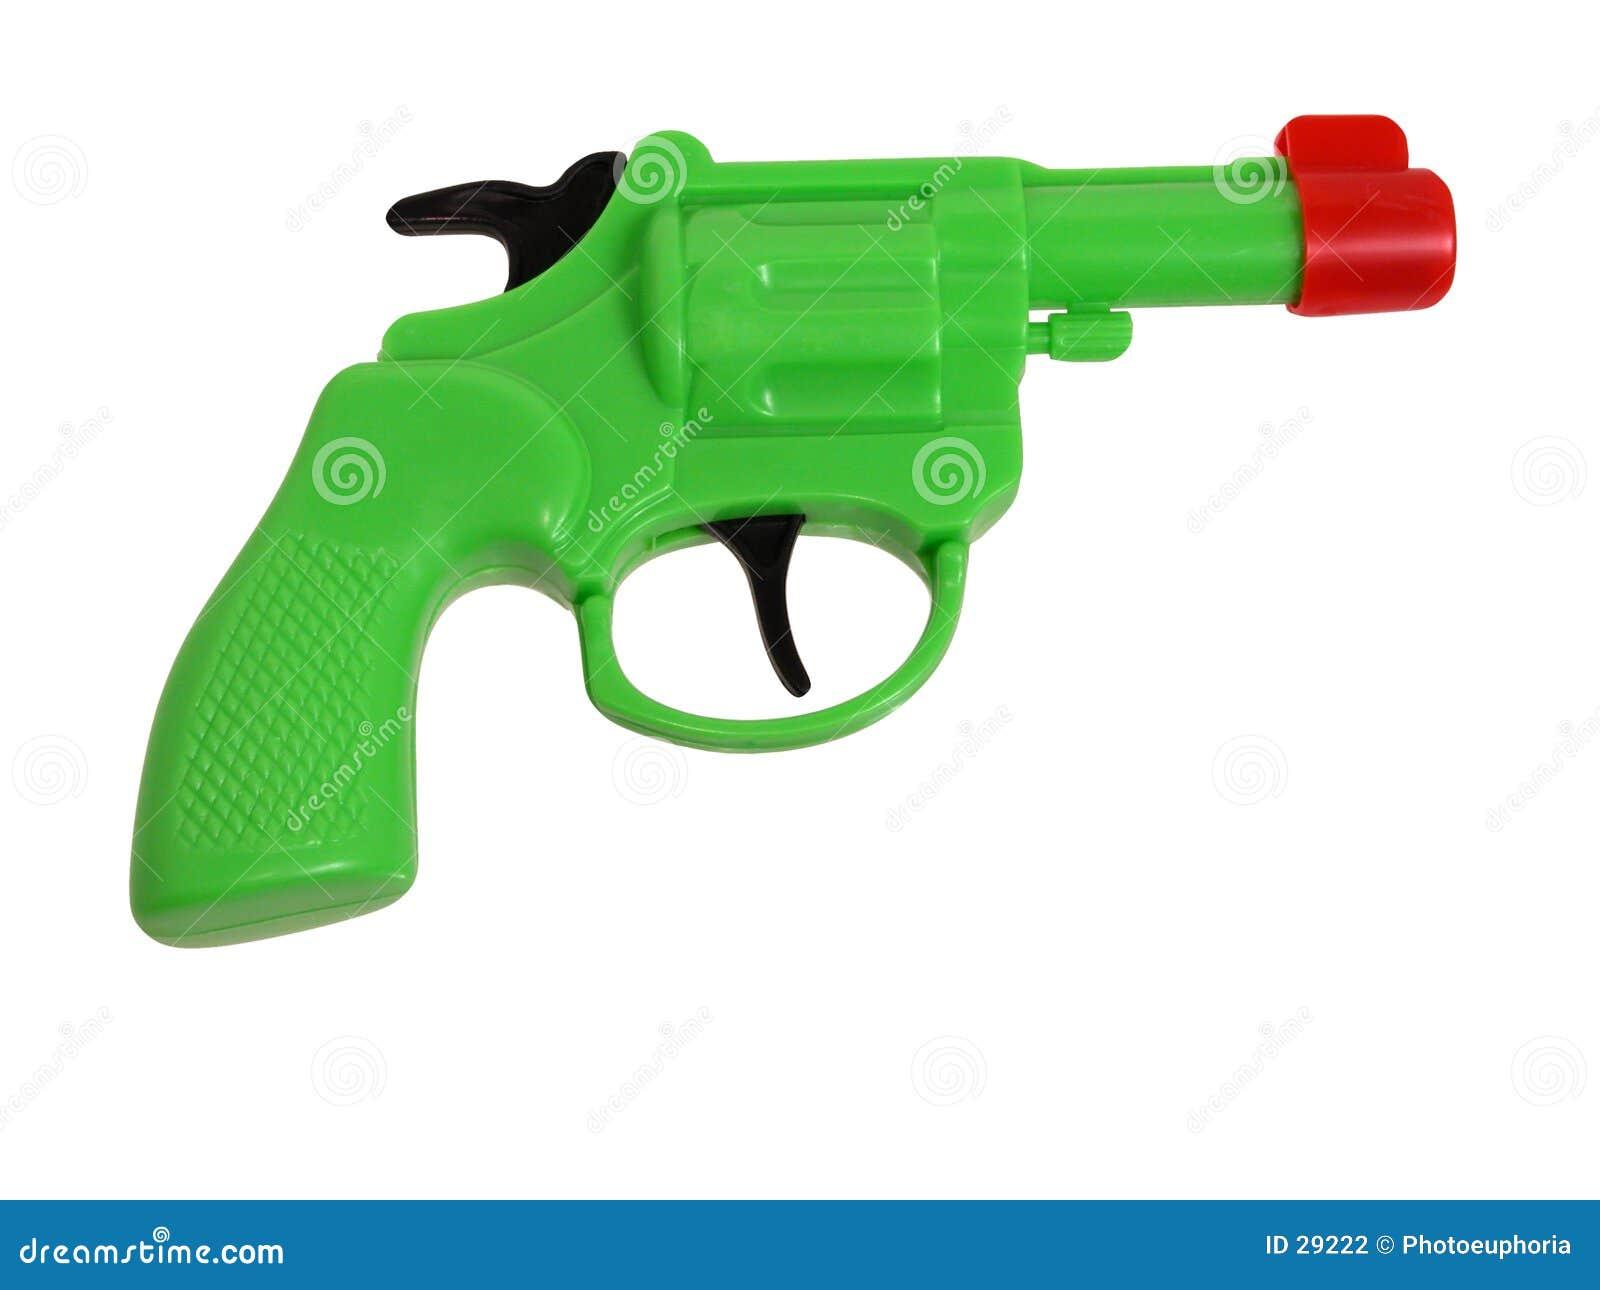 Spielwaren: Grüne Plastikgewehr